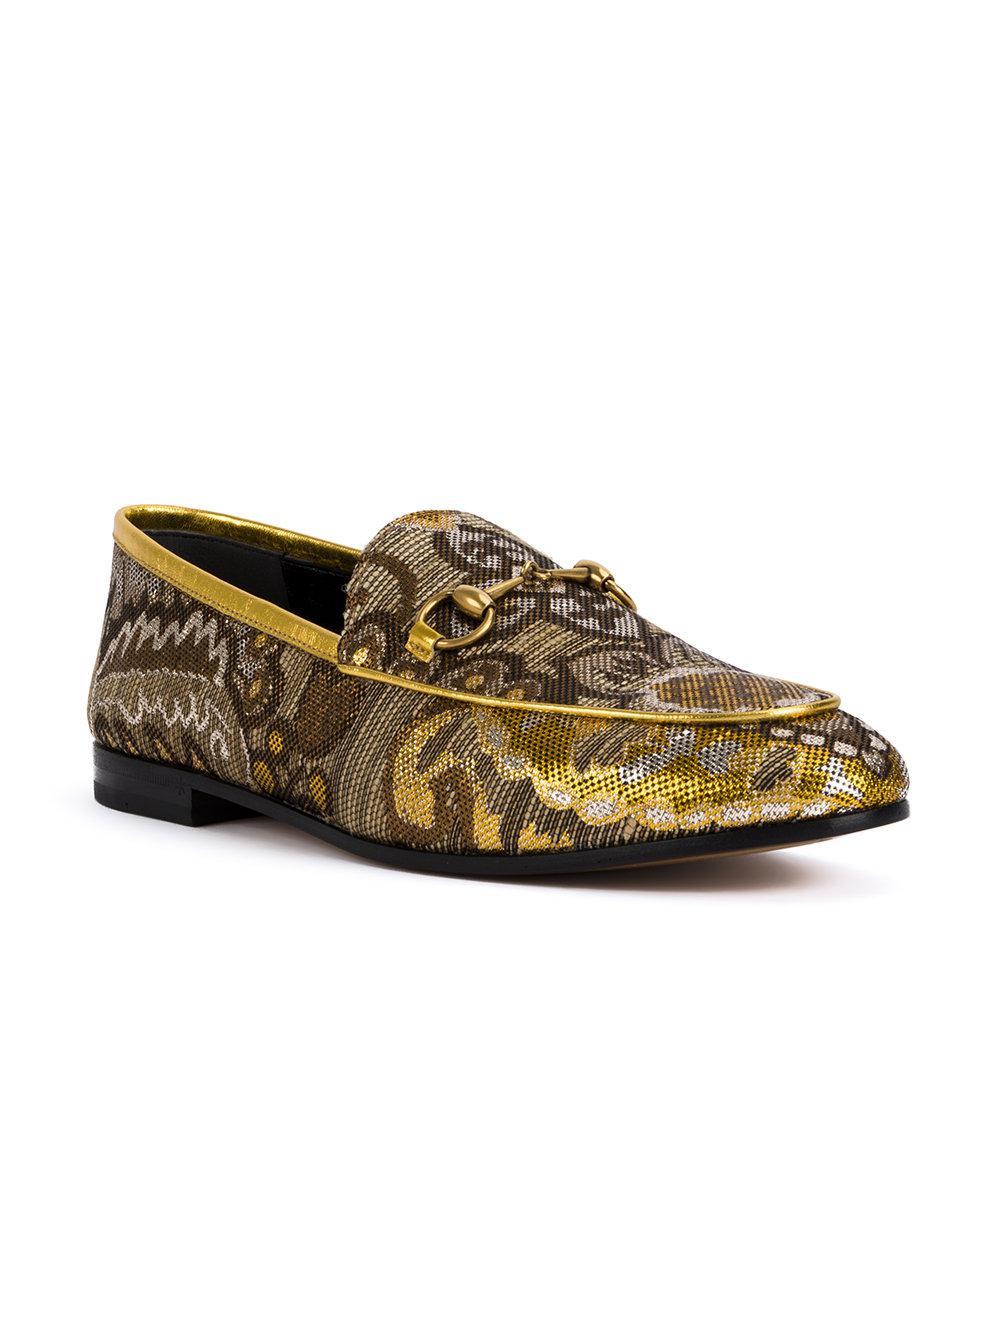 c9205193966 Gucci Jordaan Floral Brocade Loafers - Lyst